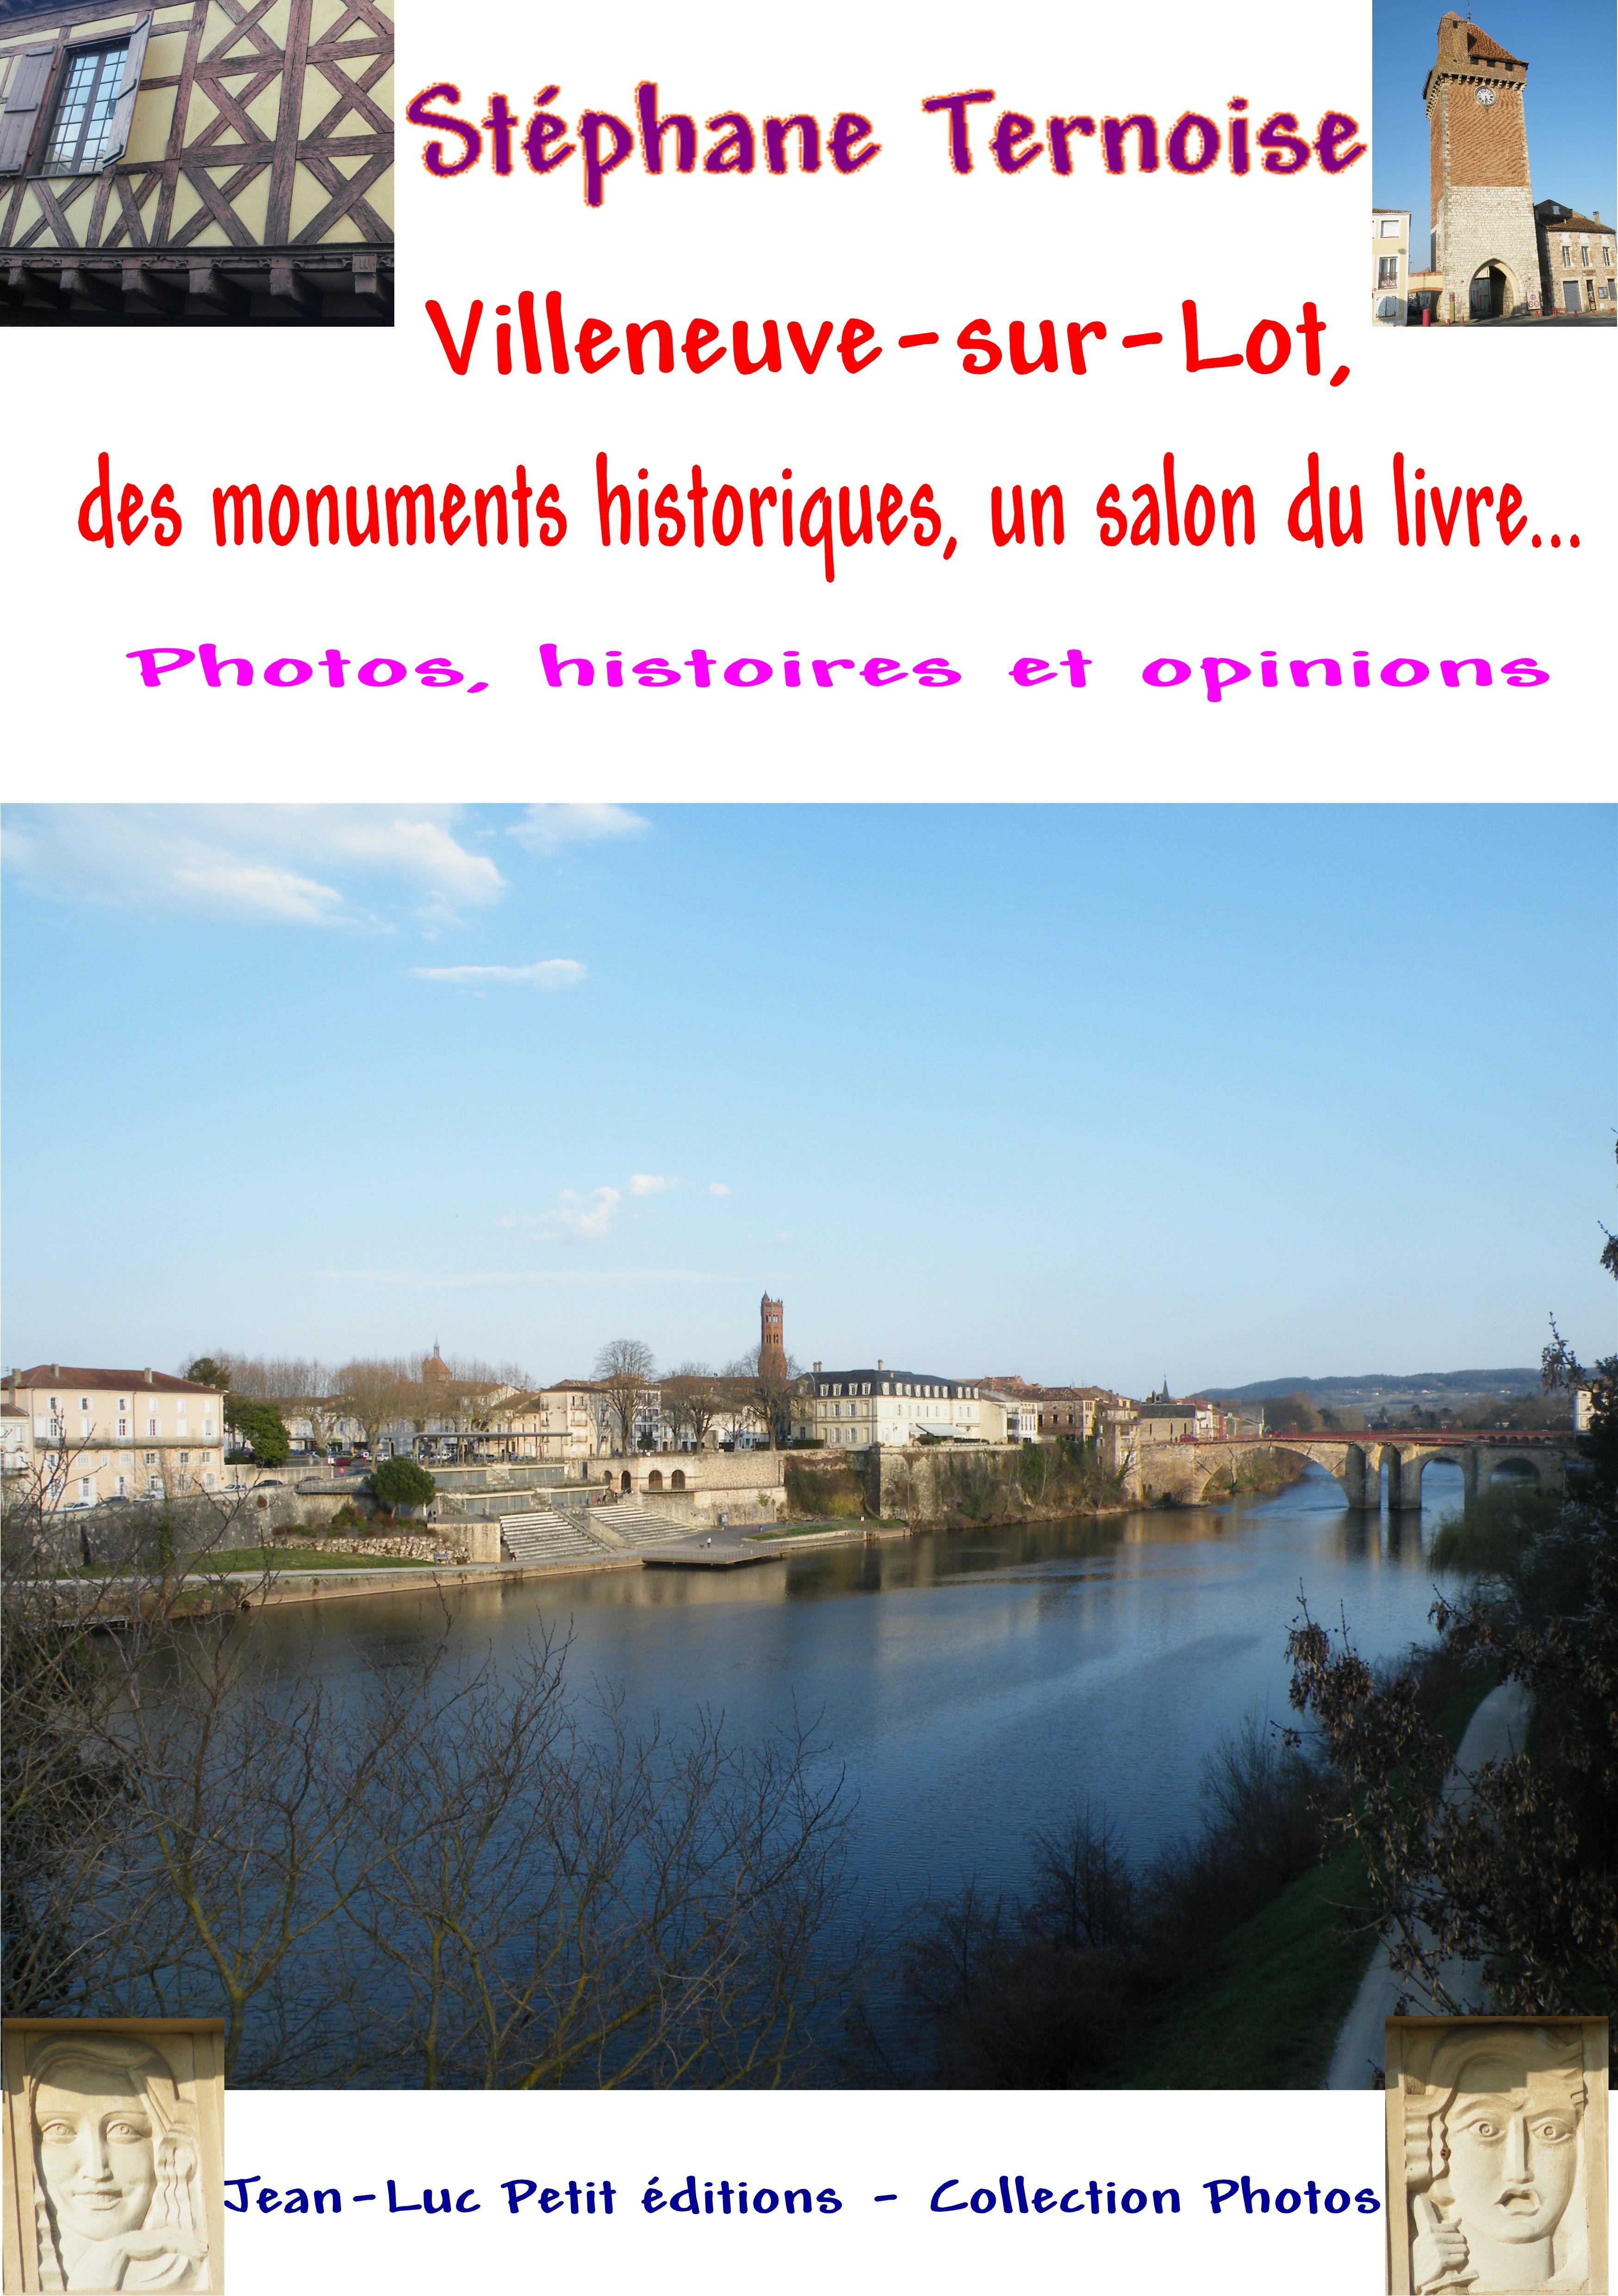 Villeneuve-sur-Lot, des monuments historiques, un salon du livre...